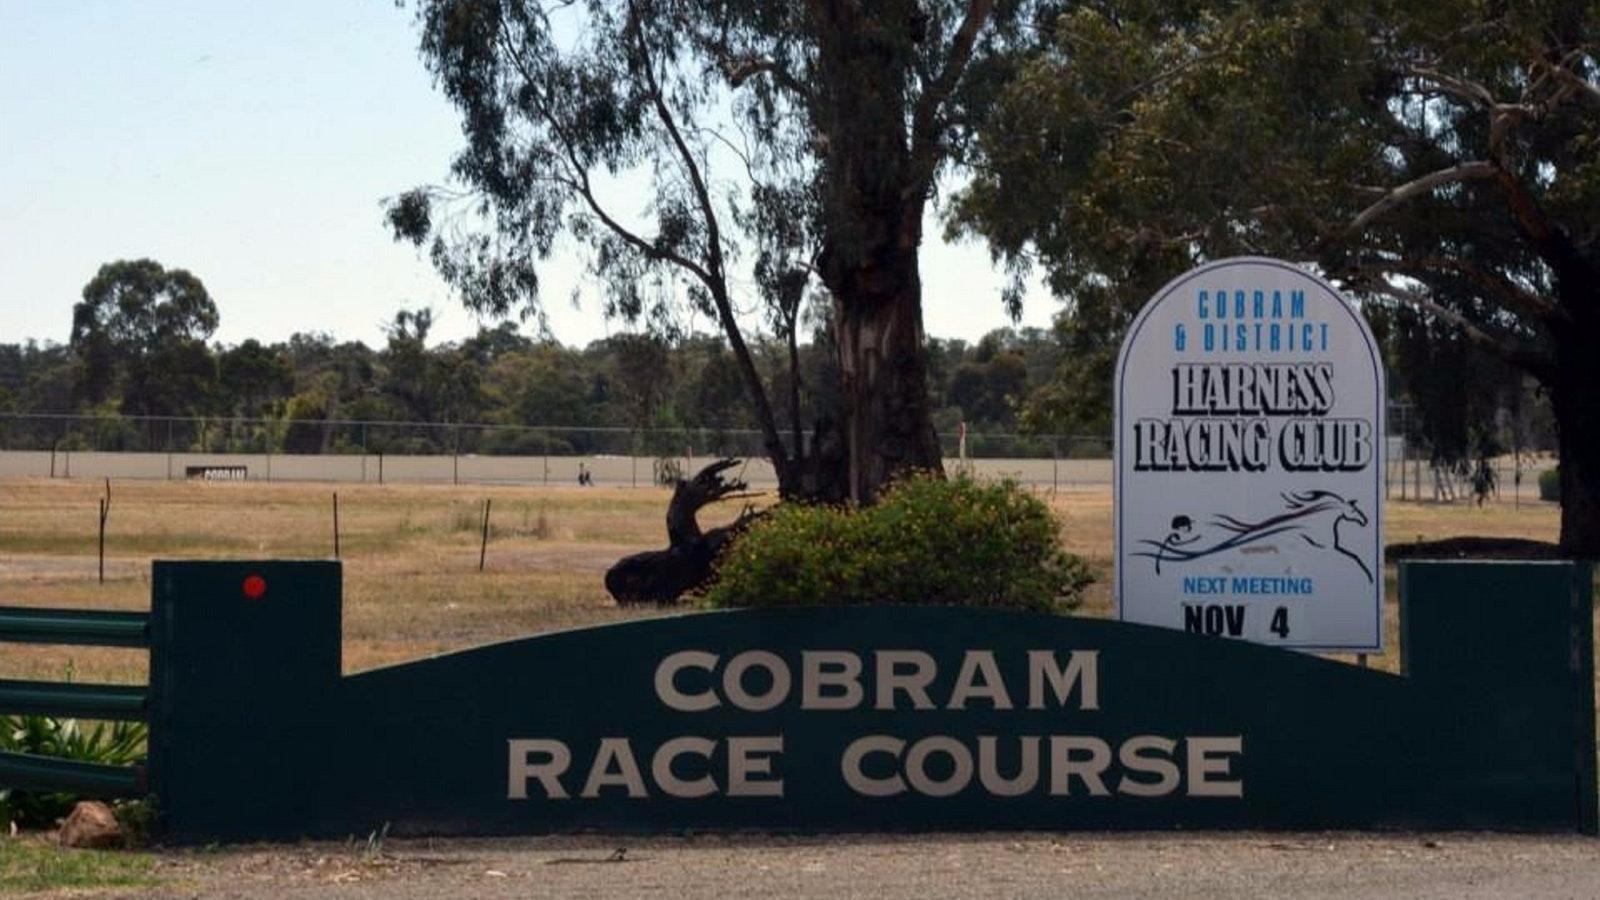 Cobram Race Course